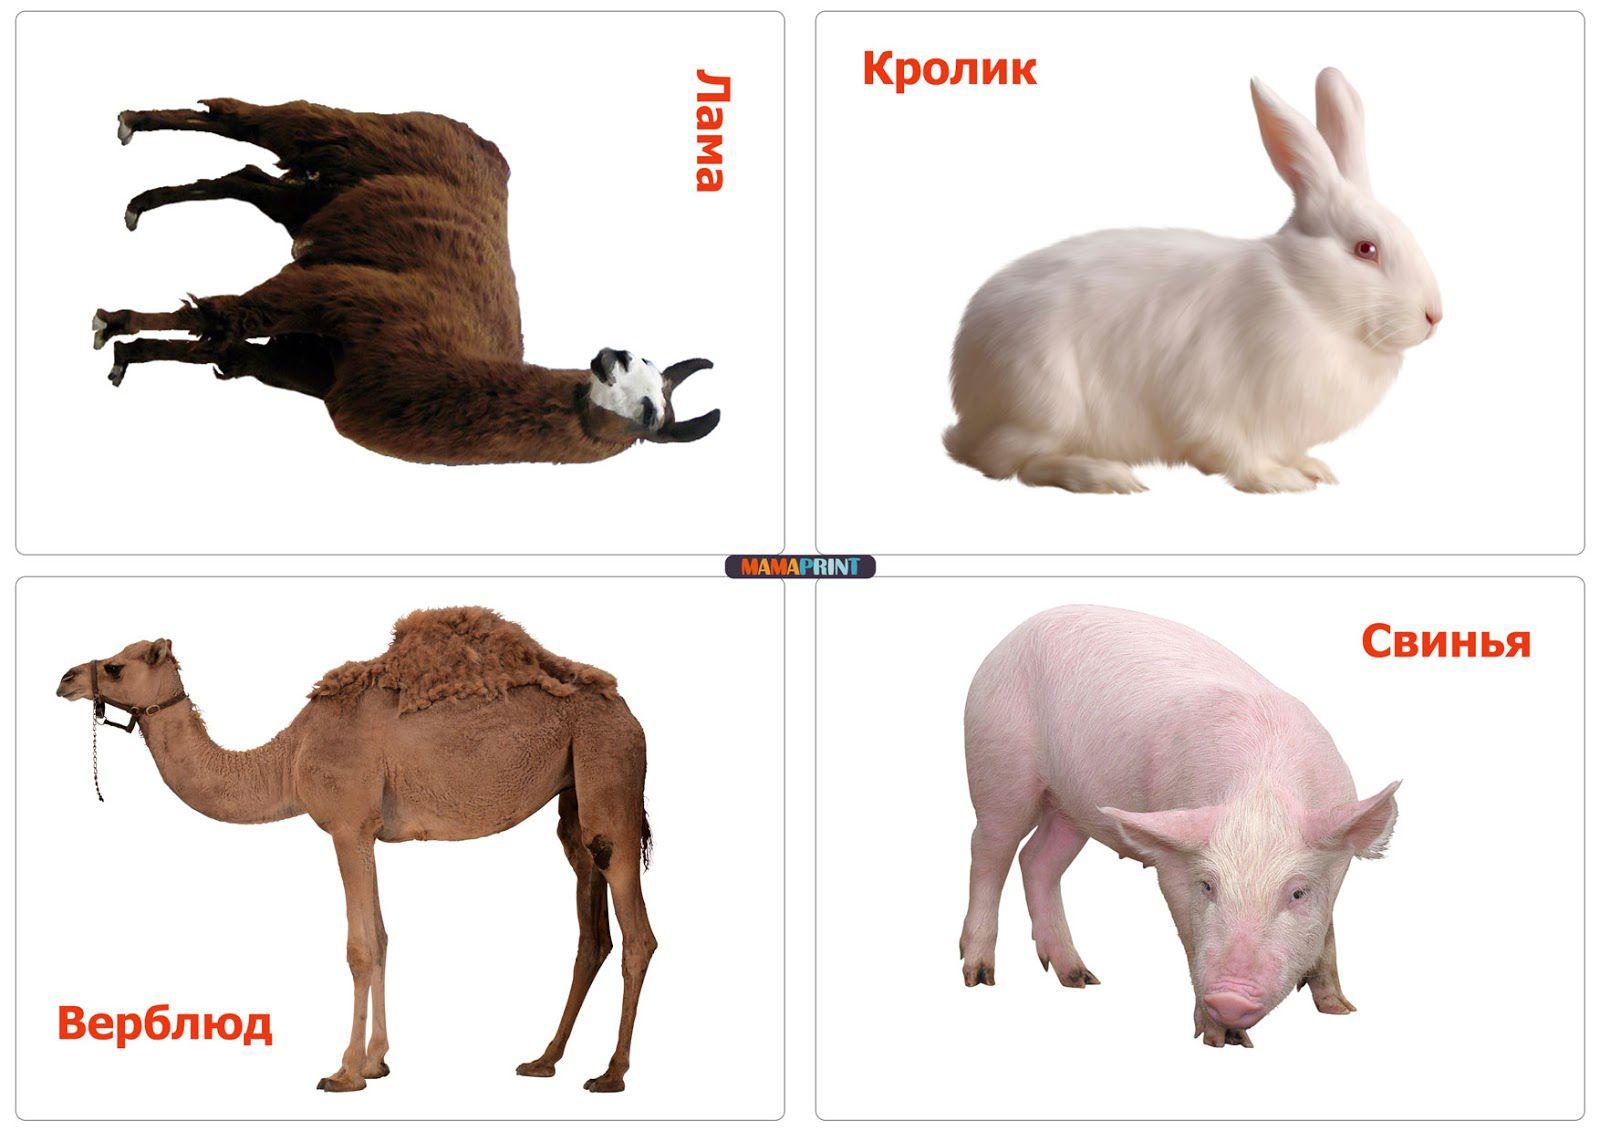 самые неприхотливые домашние животные